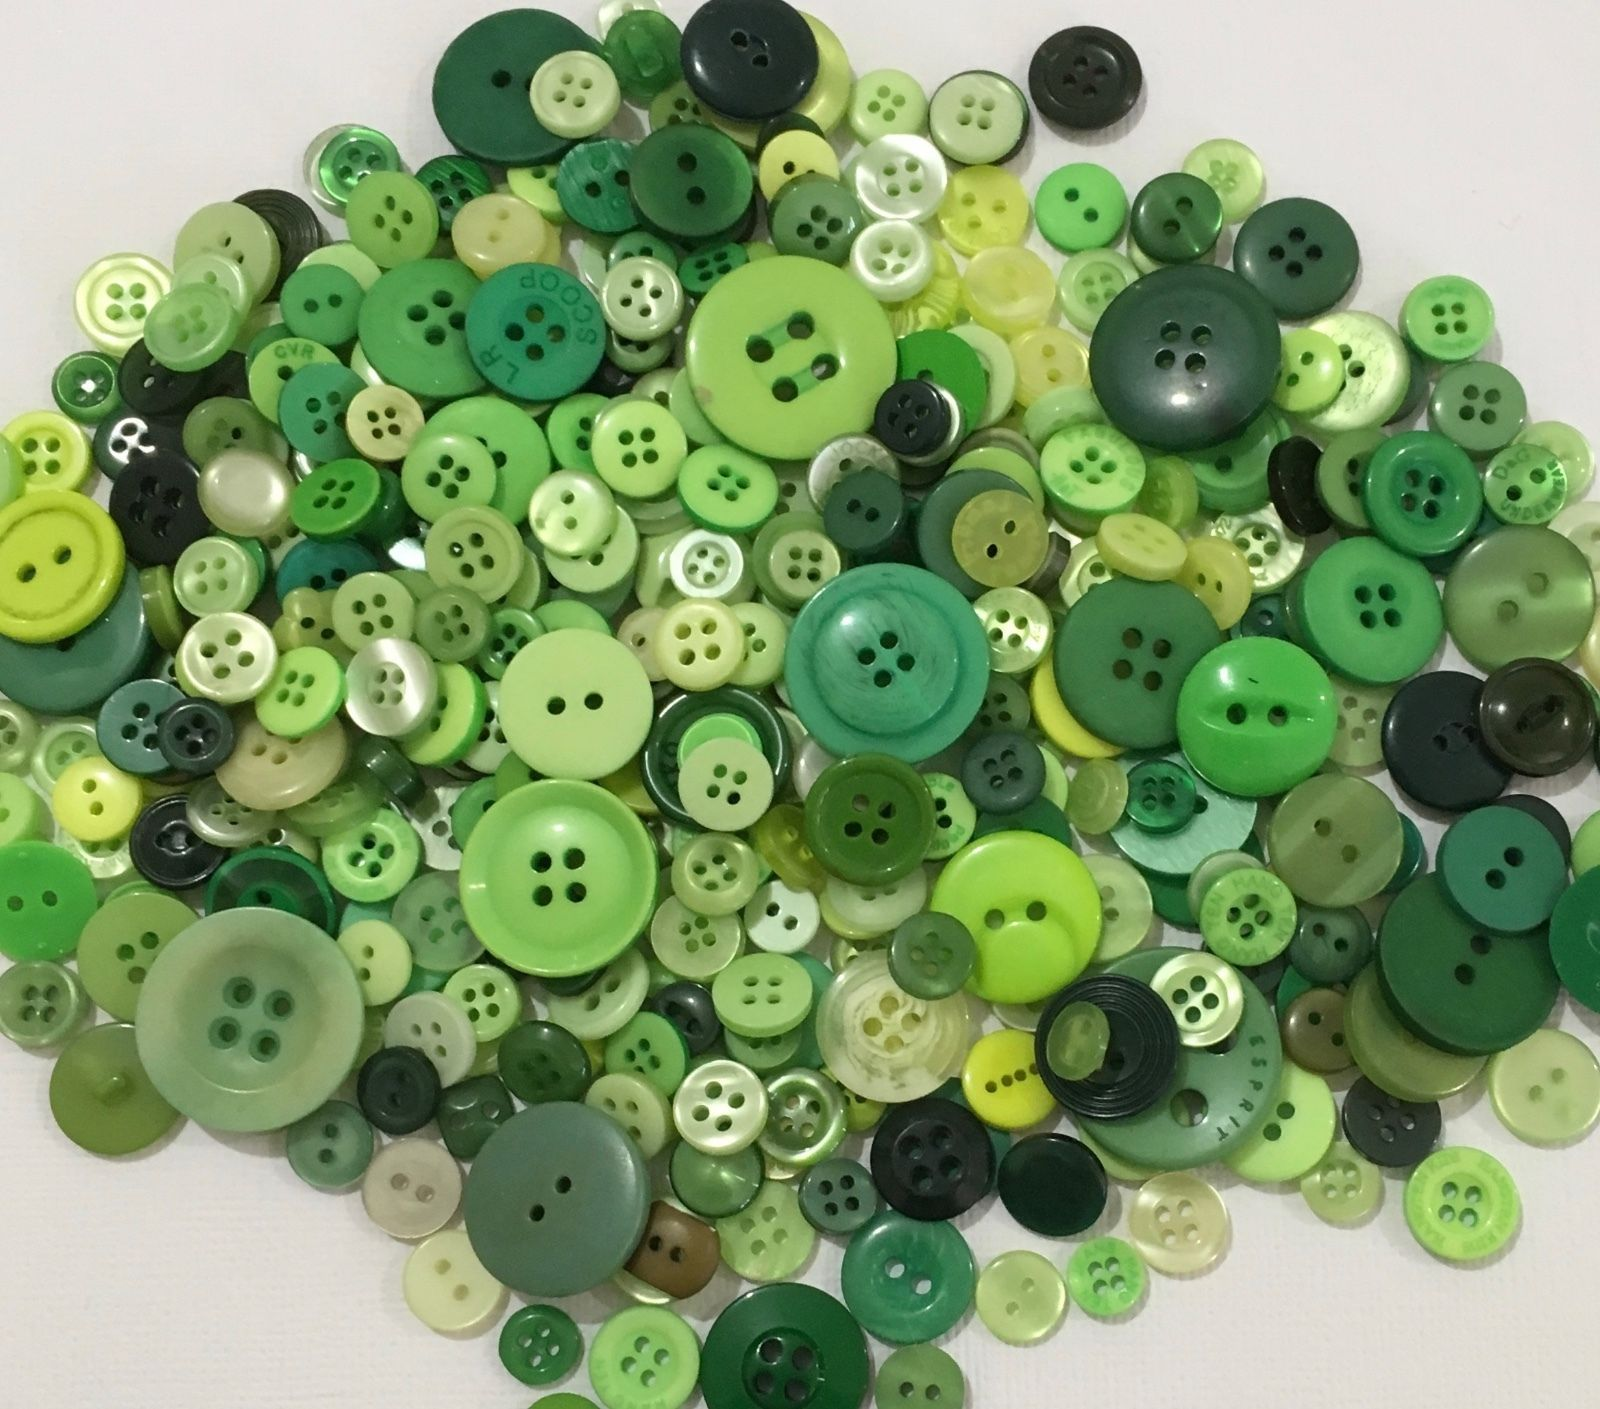 Green Buttons 100pcs Assorted Shades /& Sizes Bulk Lot Aussie Seller